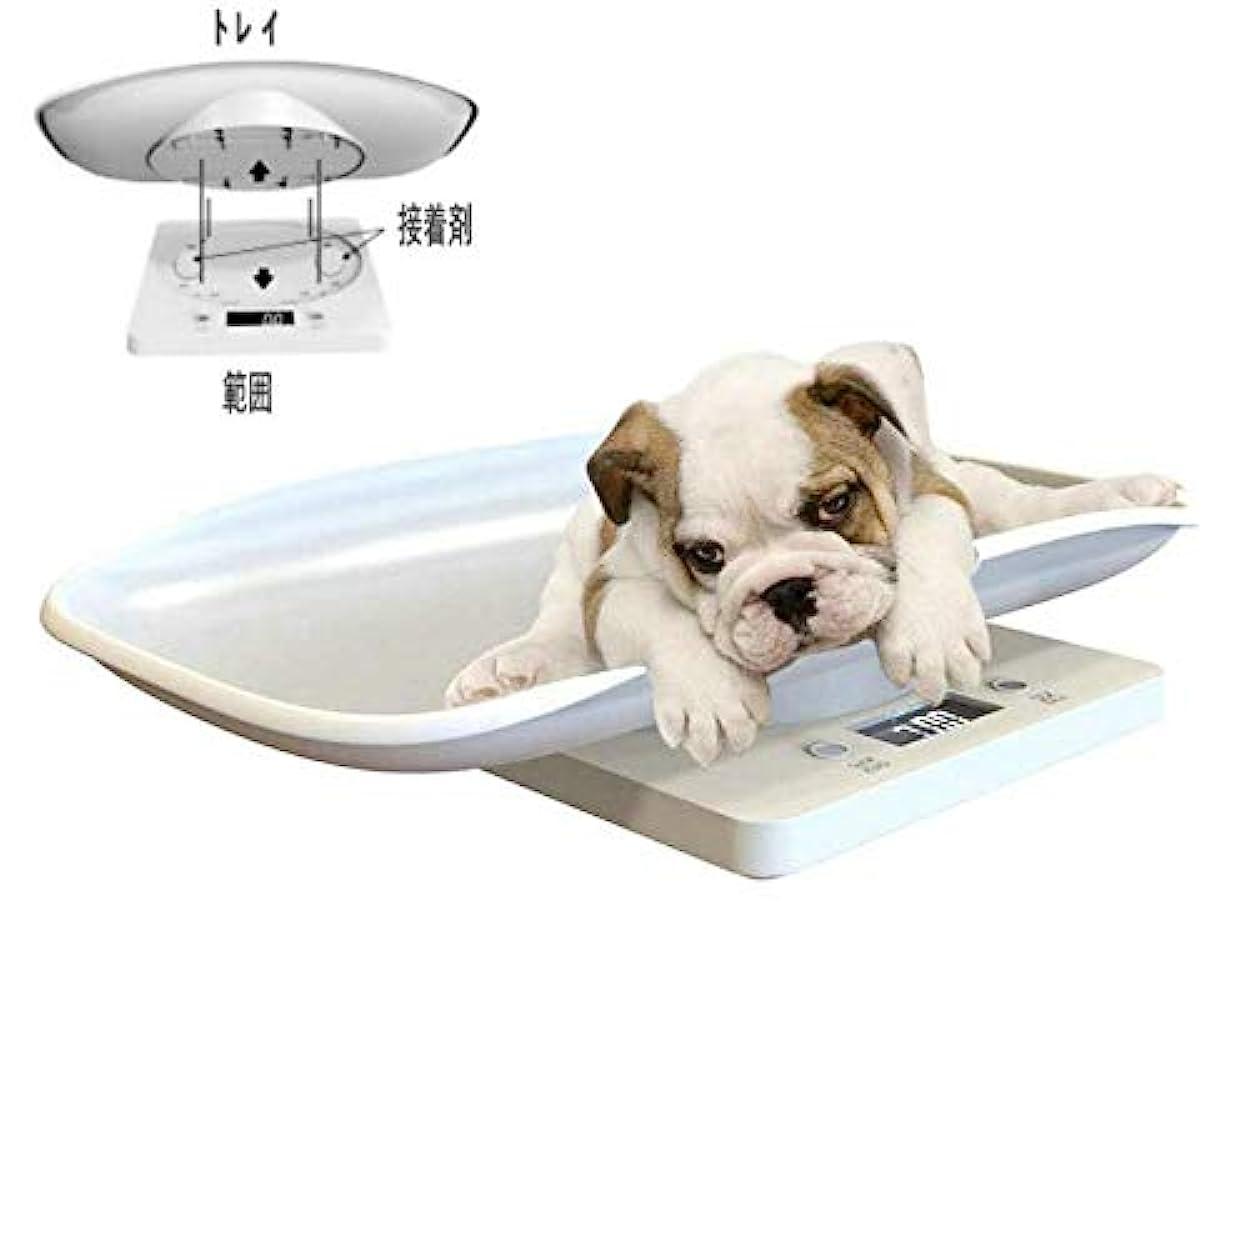 作り貧困ダースXAHWL多機能 ペット体重計 小さい 10KG ポータブル 小型ペット、小型犬、猫